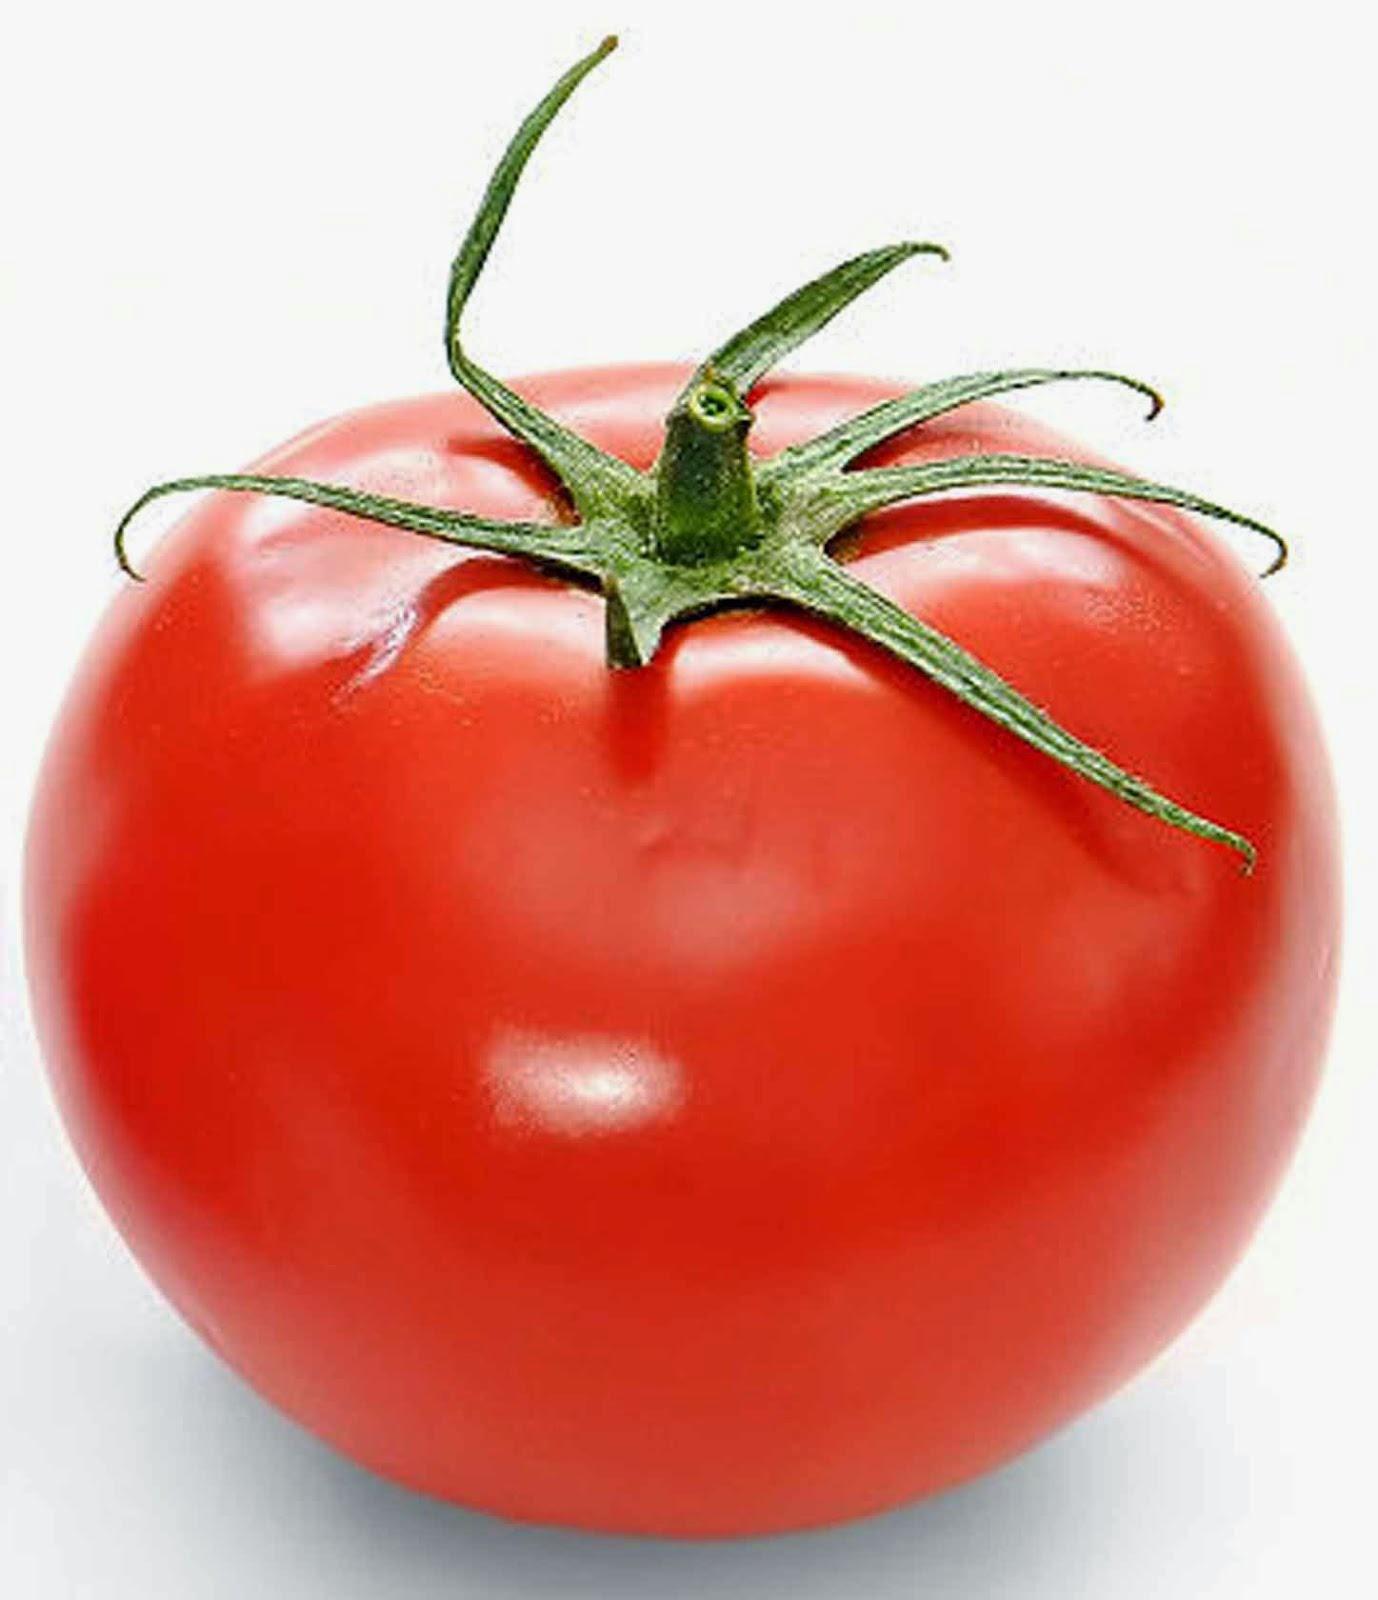 tomat untuk perawatan rambut